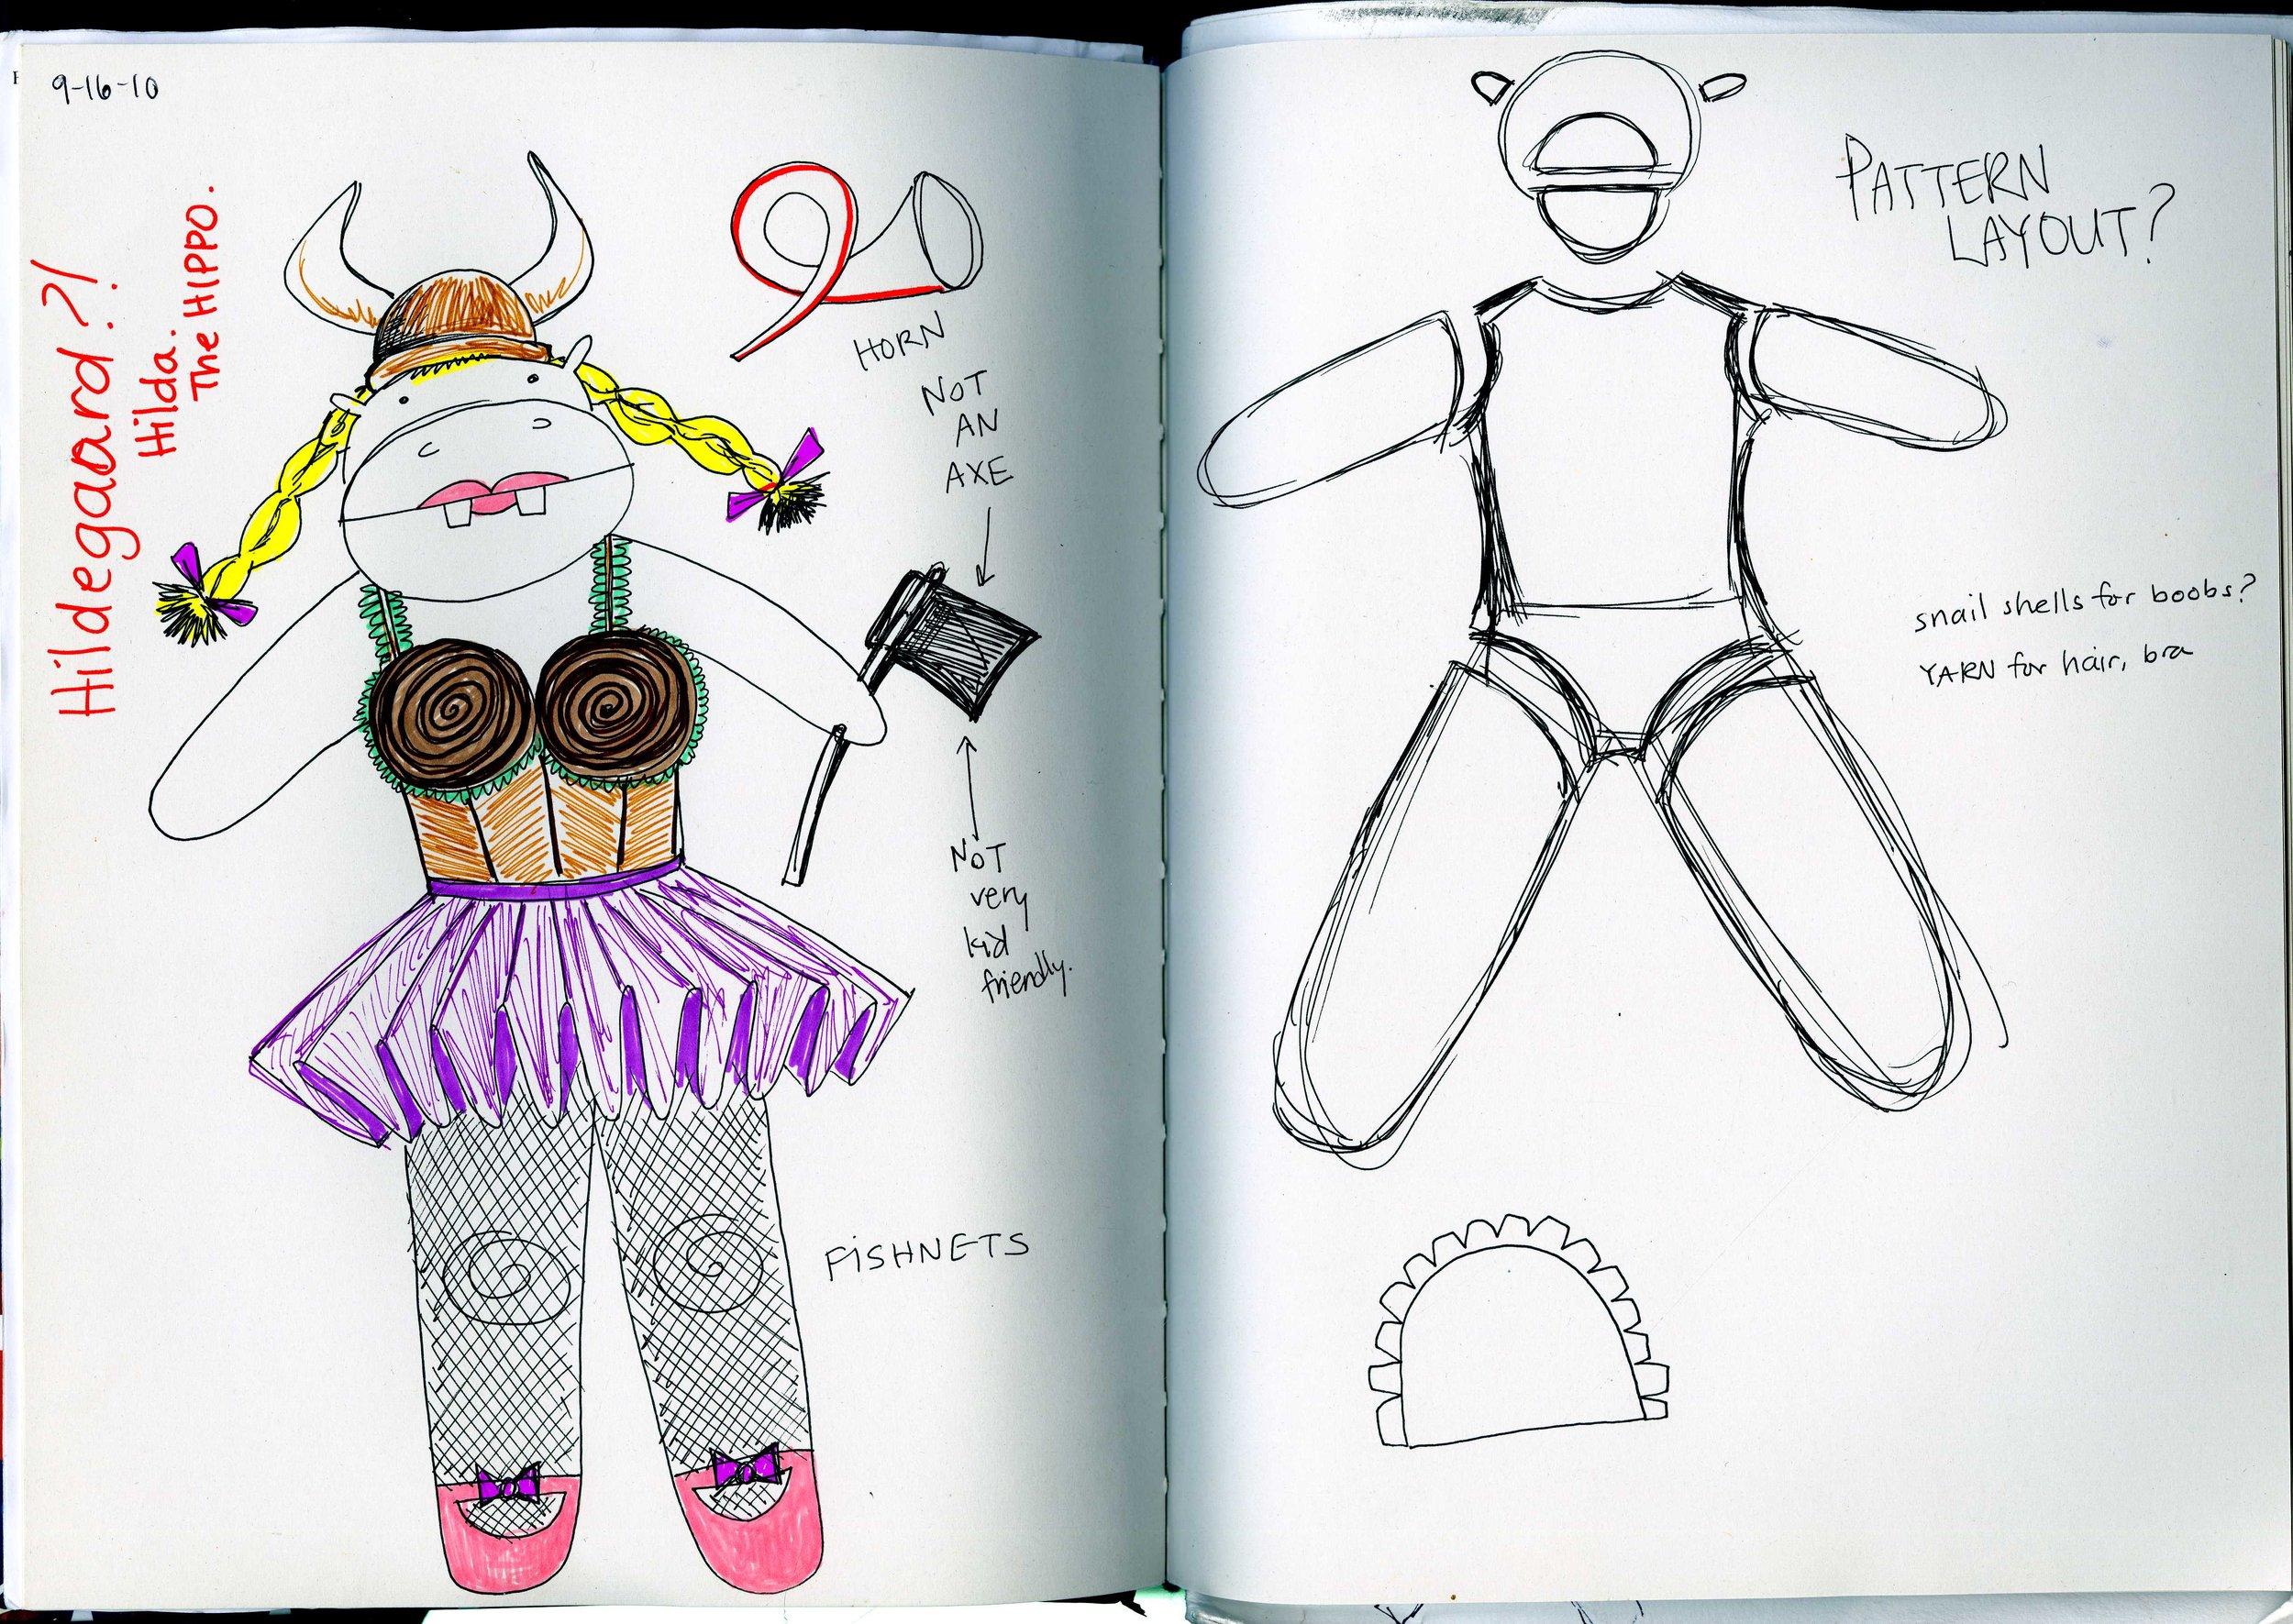 Printmaking Sketchbook